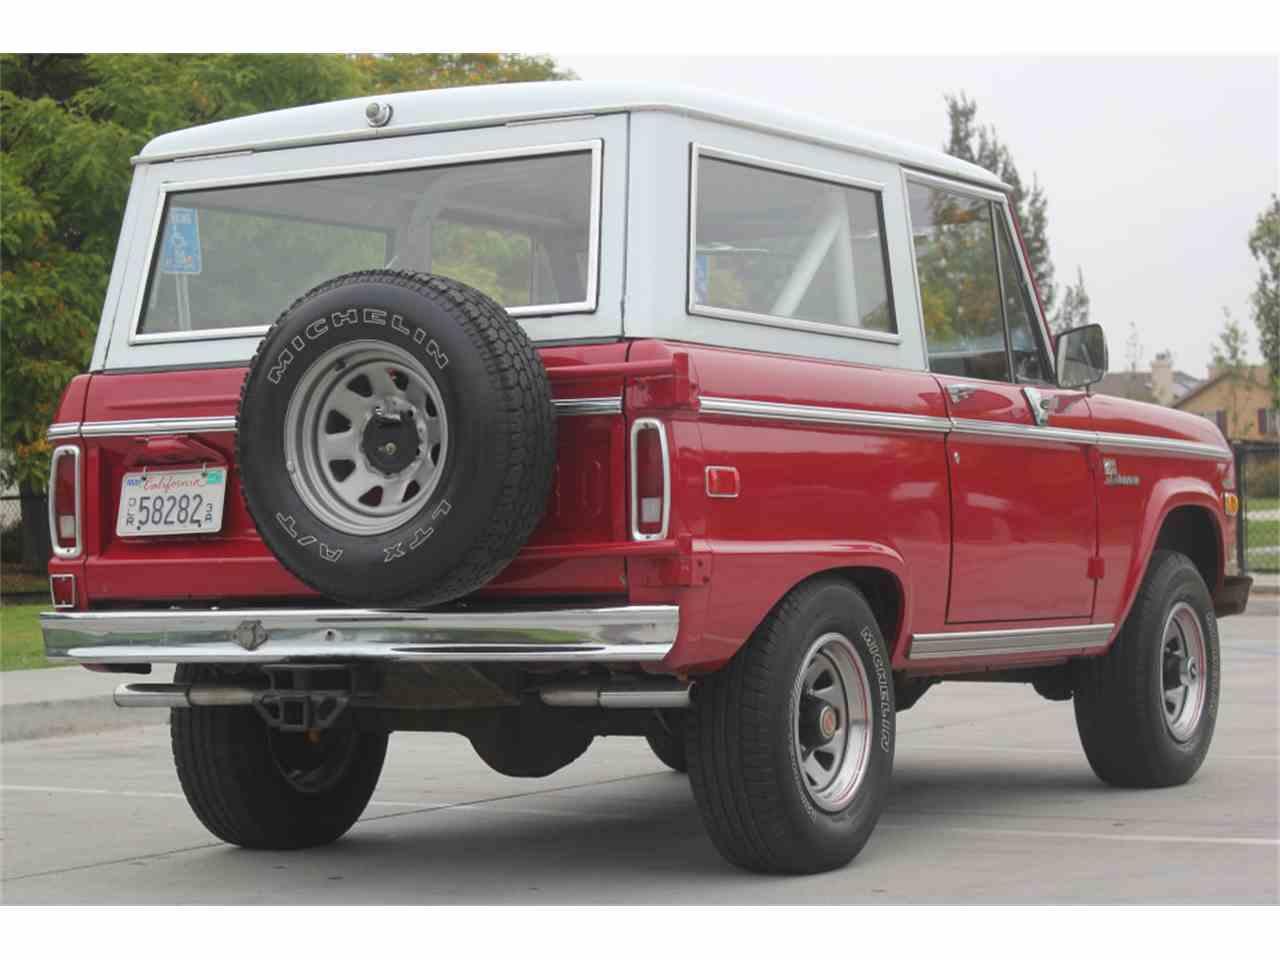 Ziemlich 1977 Ford Bronco Schaltpläne Ideen - Elektrische Schaltplan ...